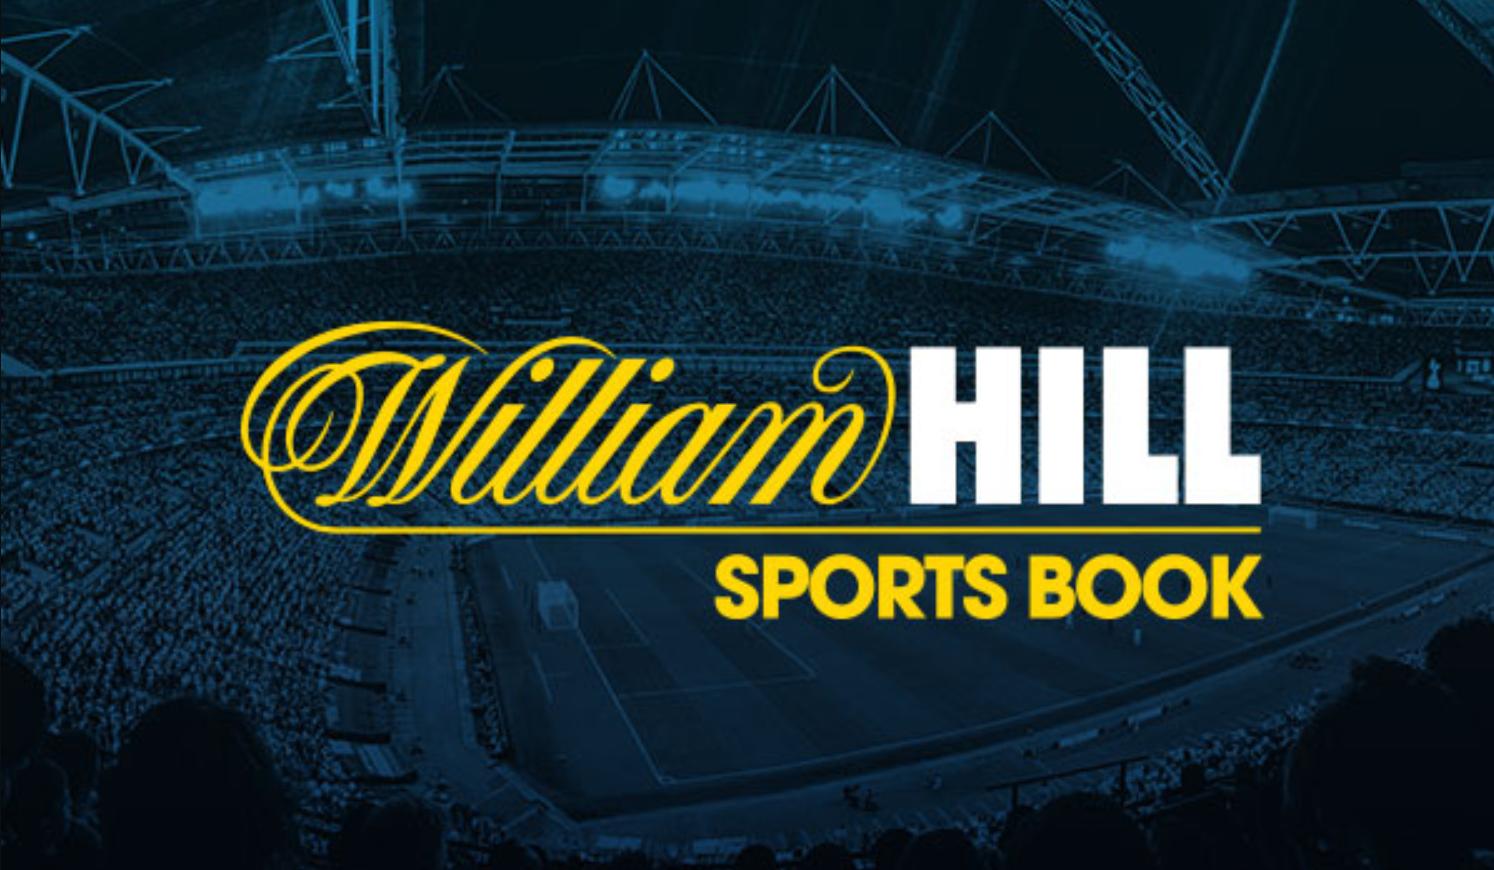 La Inusual Secreto de William Hill